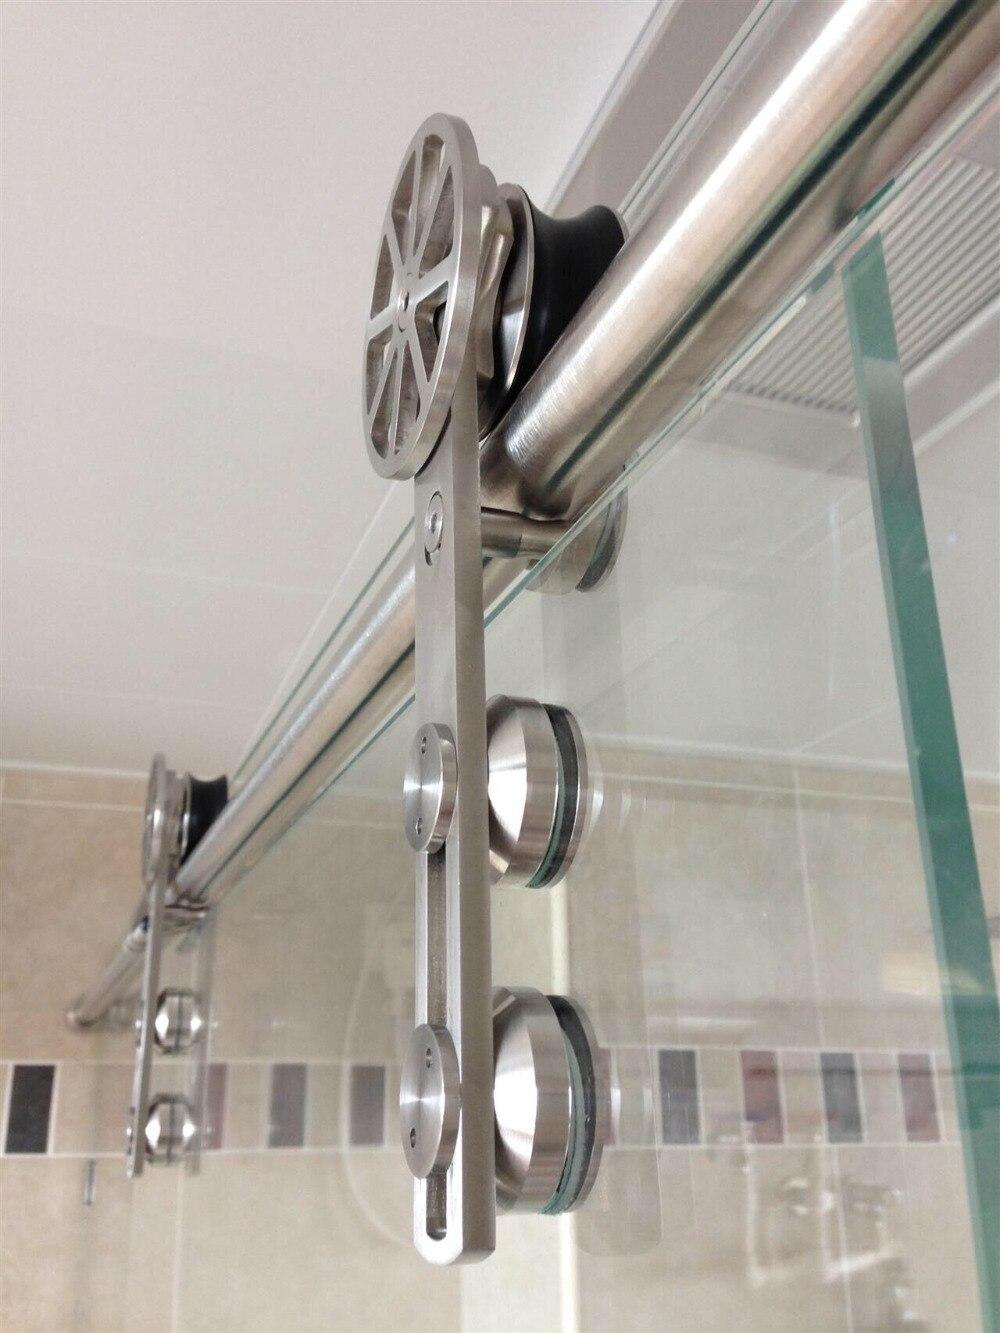 Aliexpress Com Buy Diyhd 60in 79in Stainless Steel Spoke